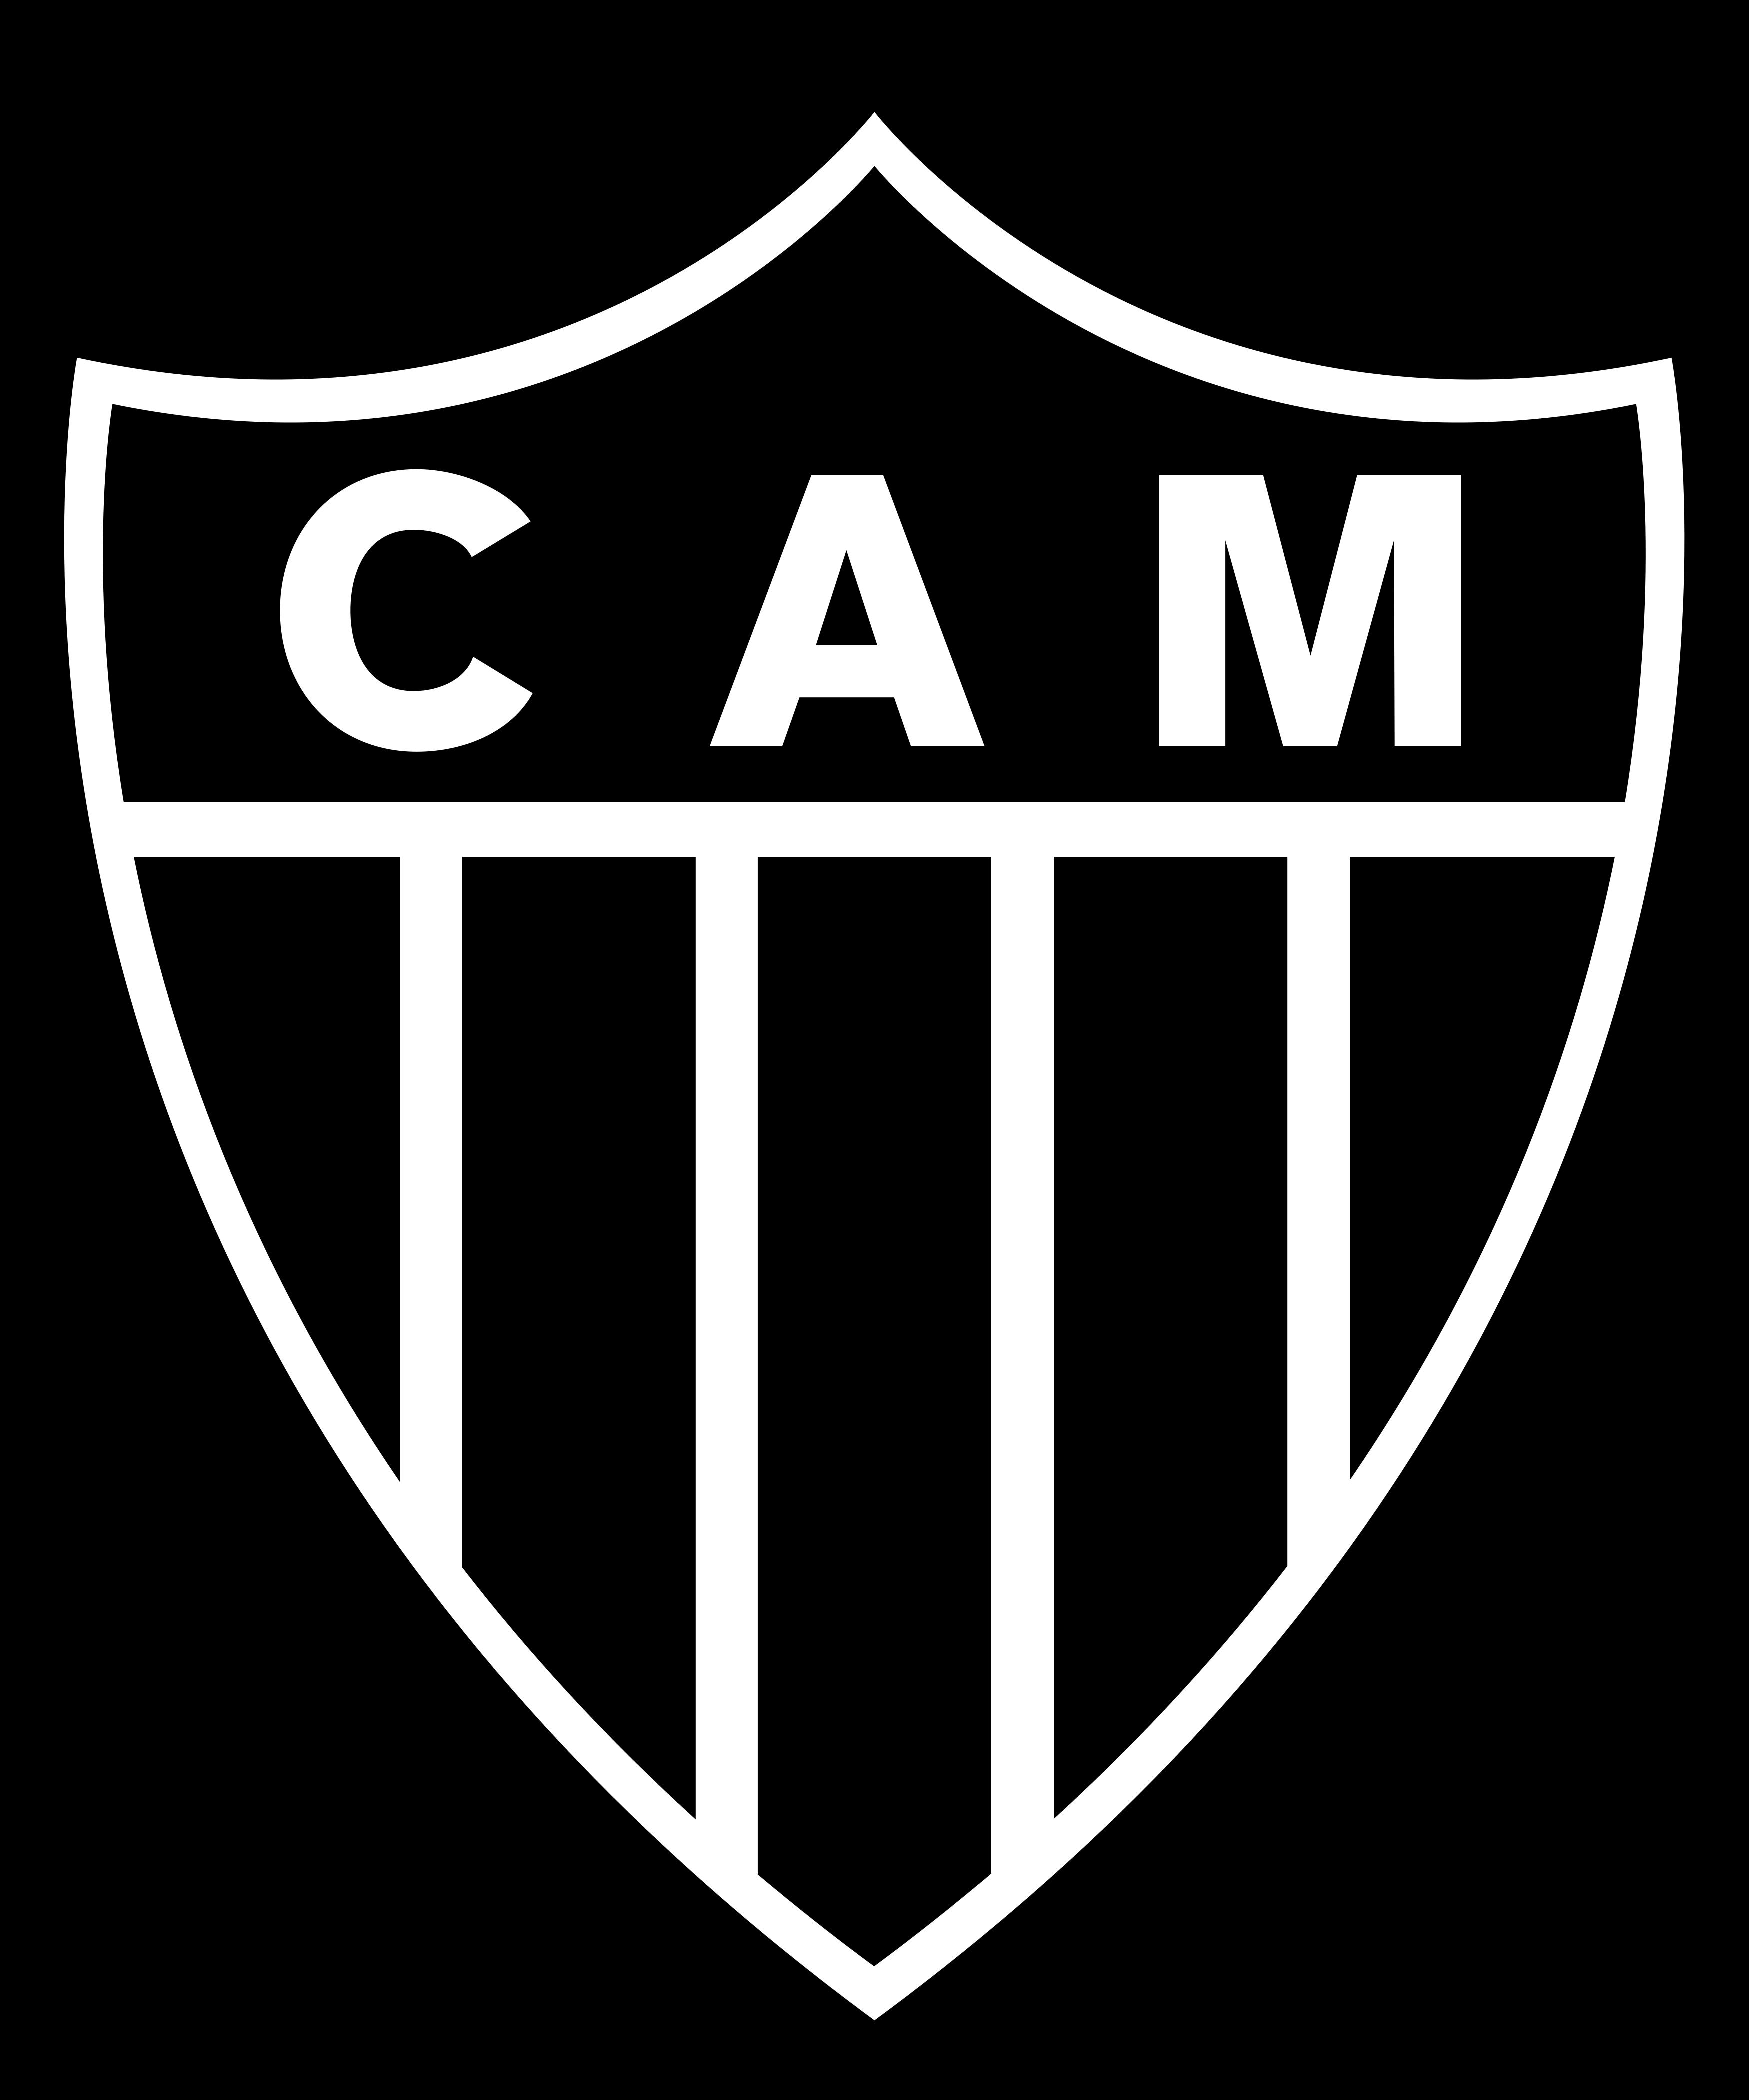 atletico mineiro logo escudo 1 - Atlético Mineiro Logo